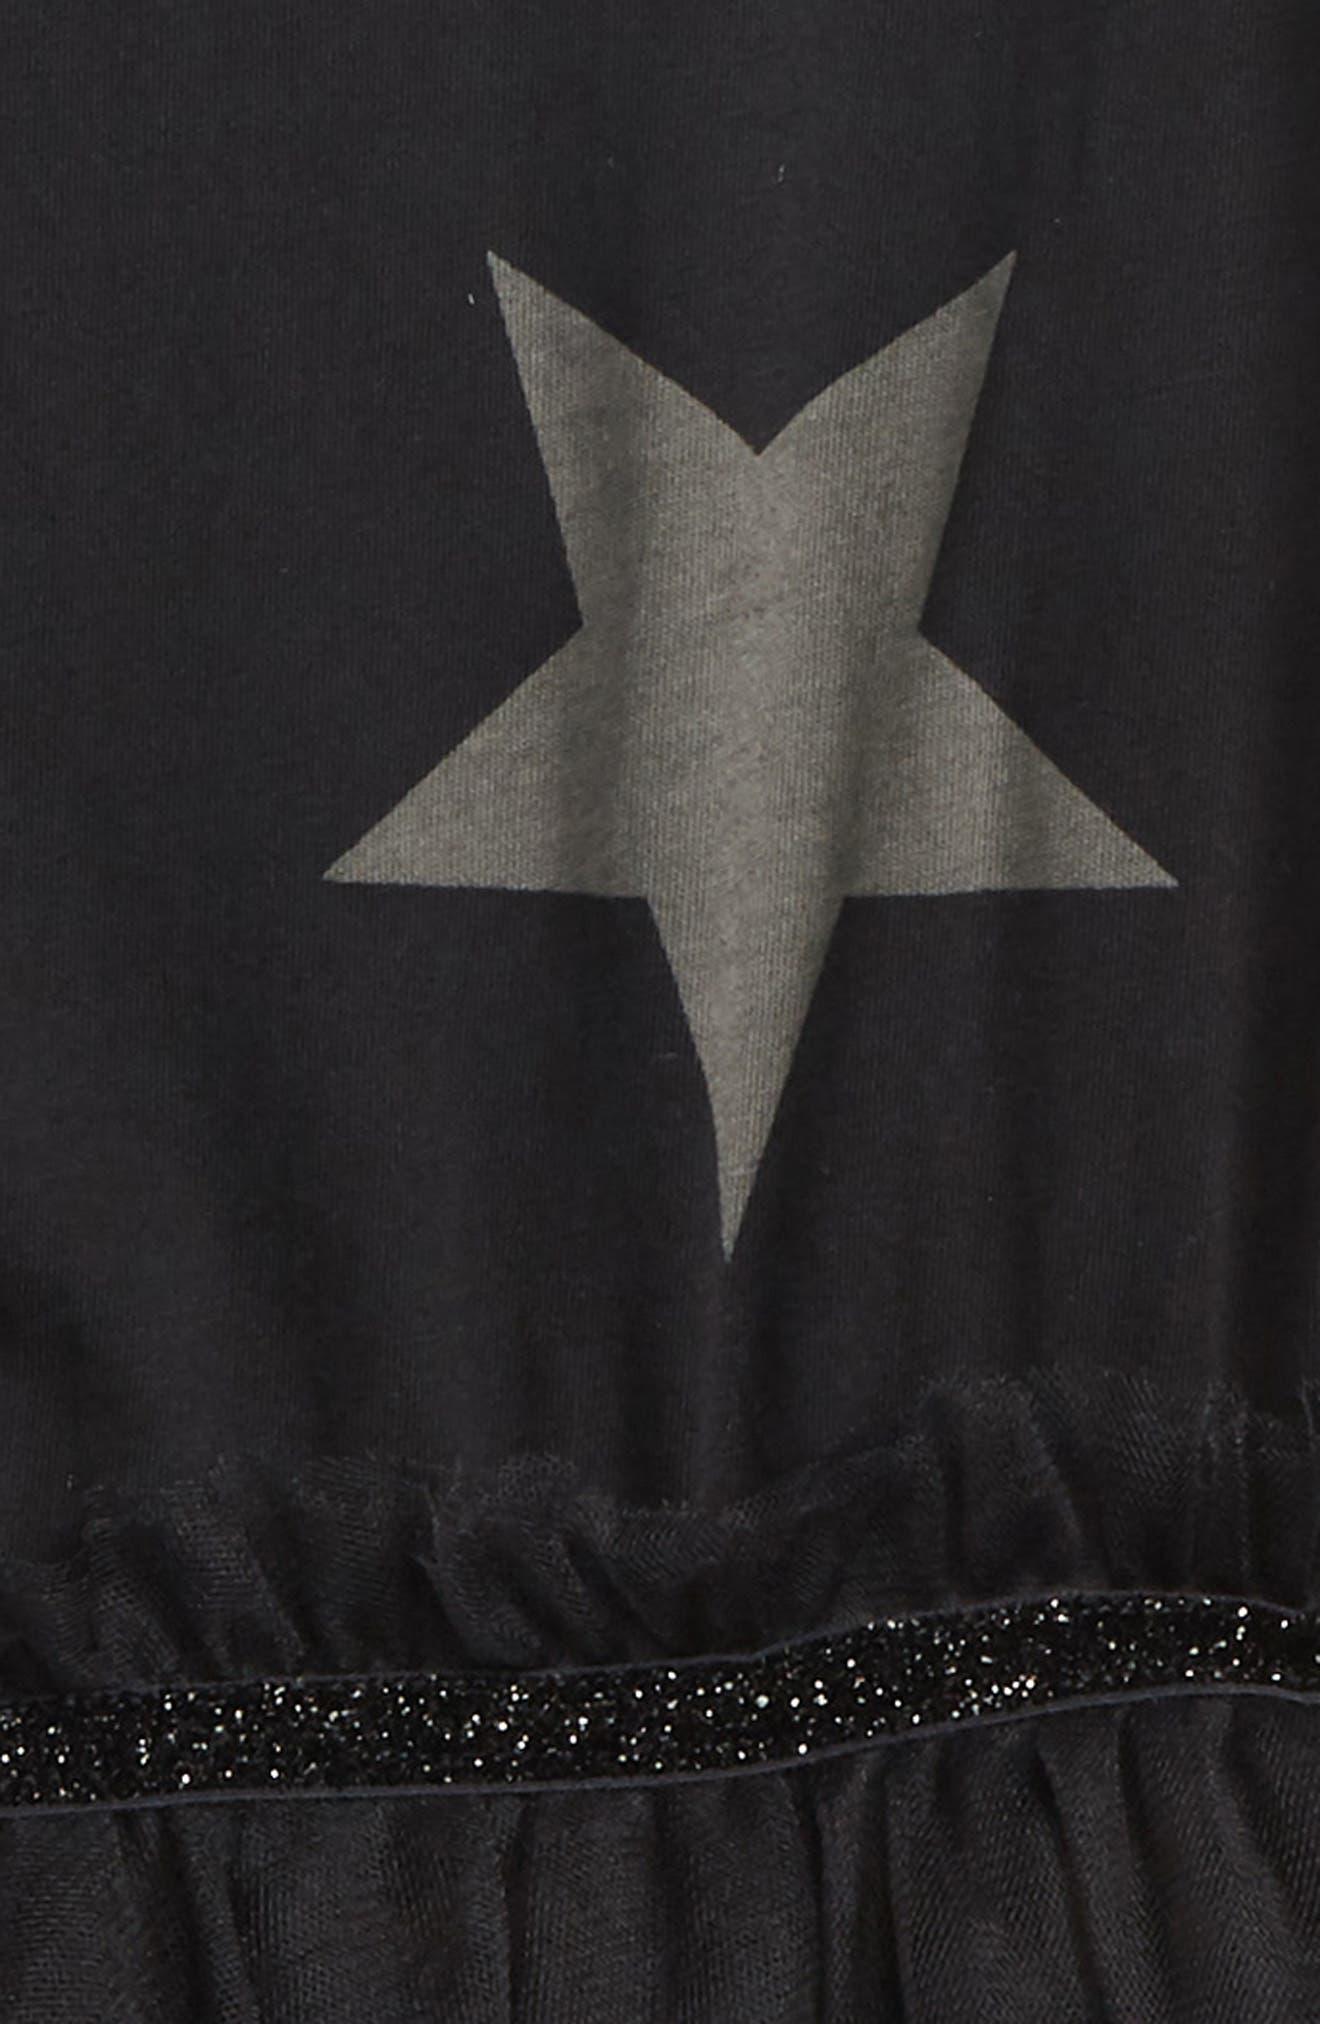 Star Tulle Dress,                             Alternate thumbnail 2, color,                             001